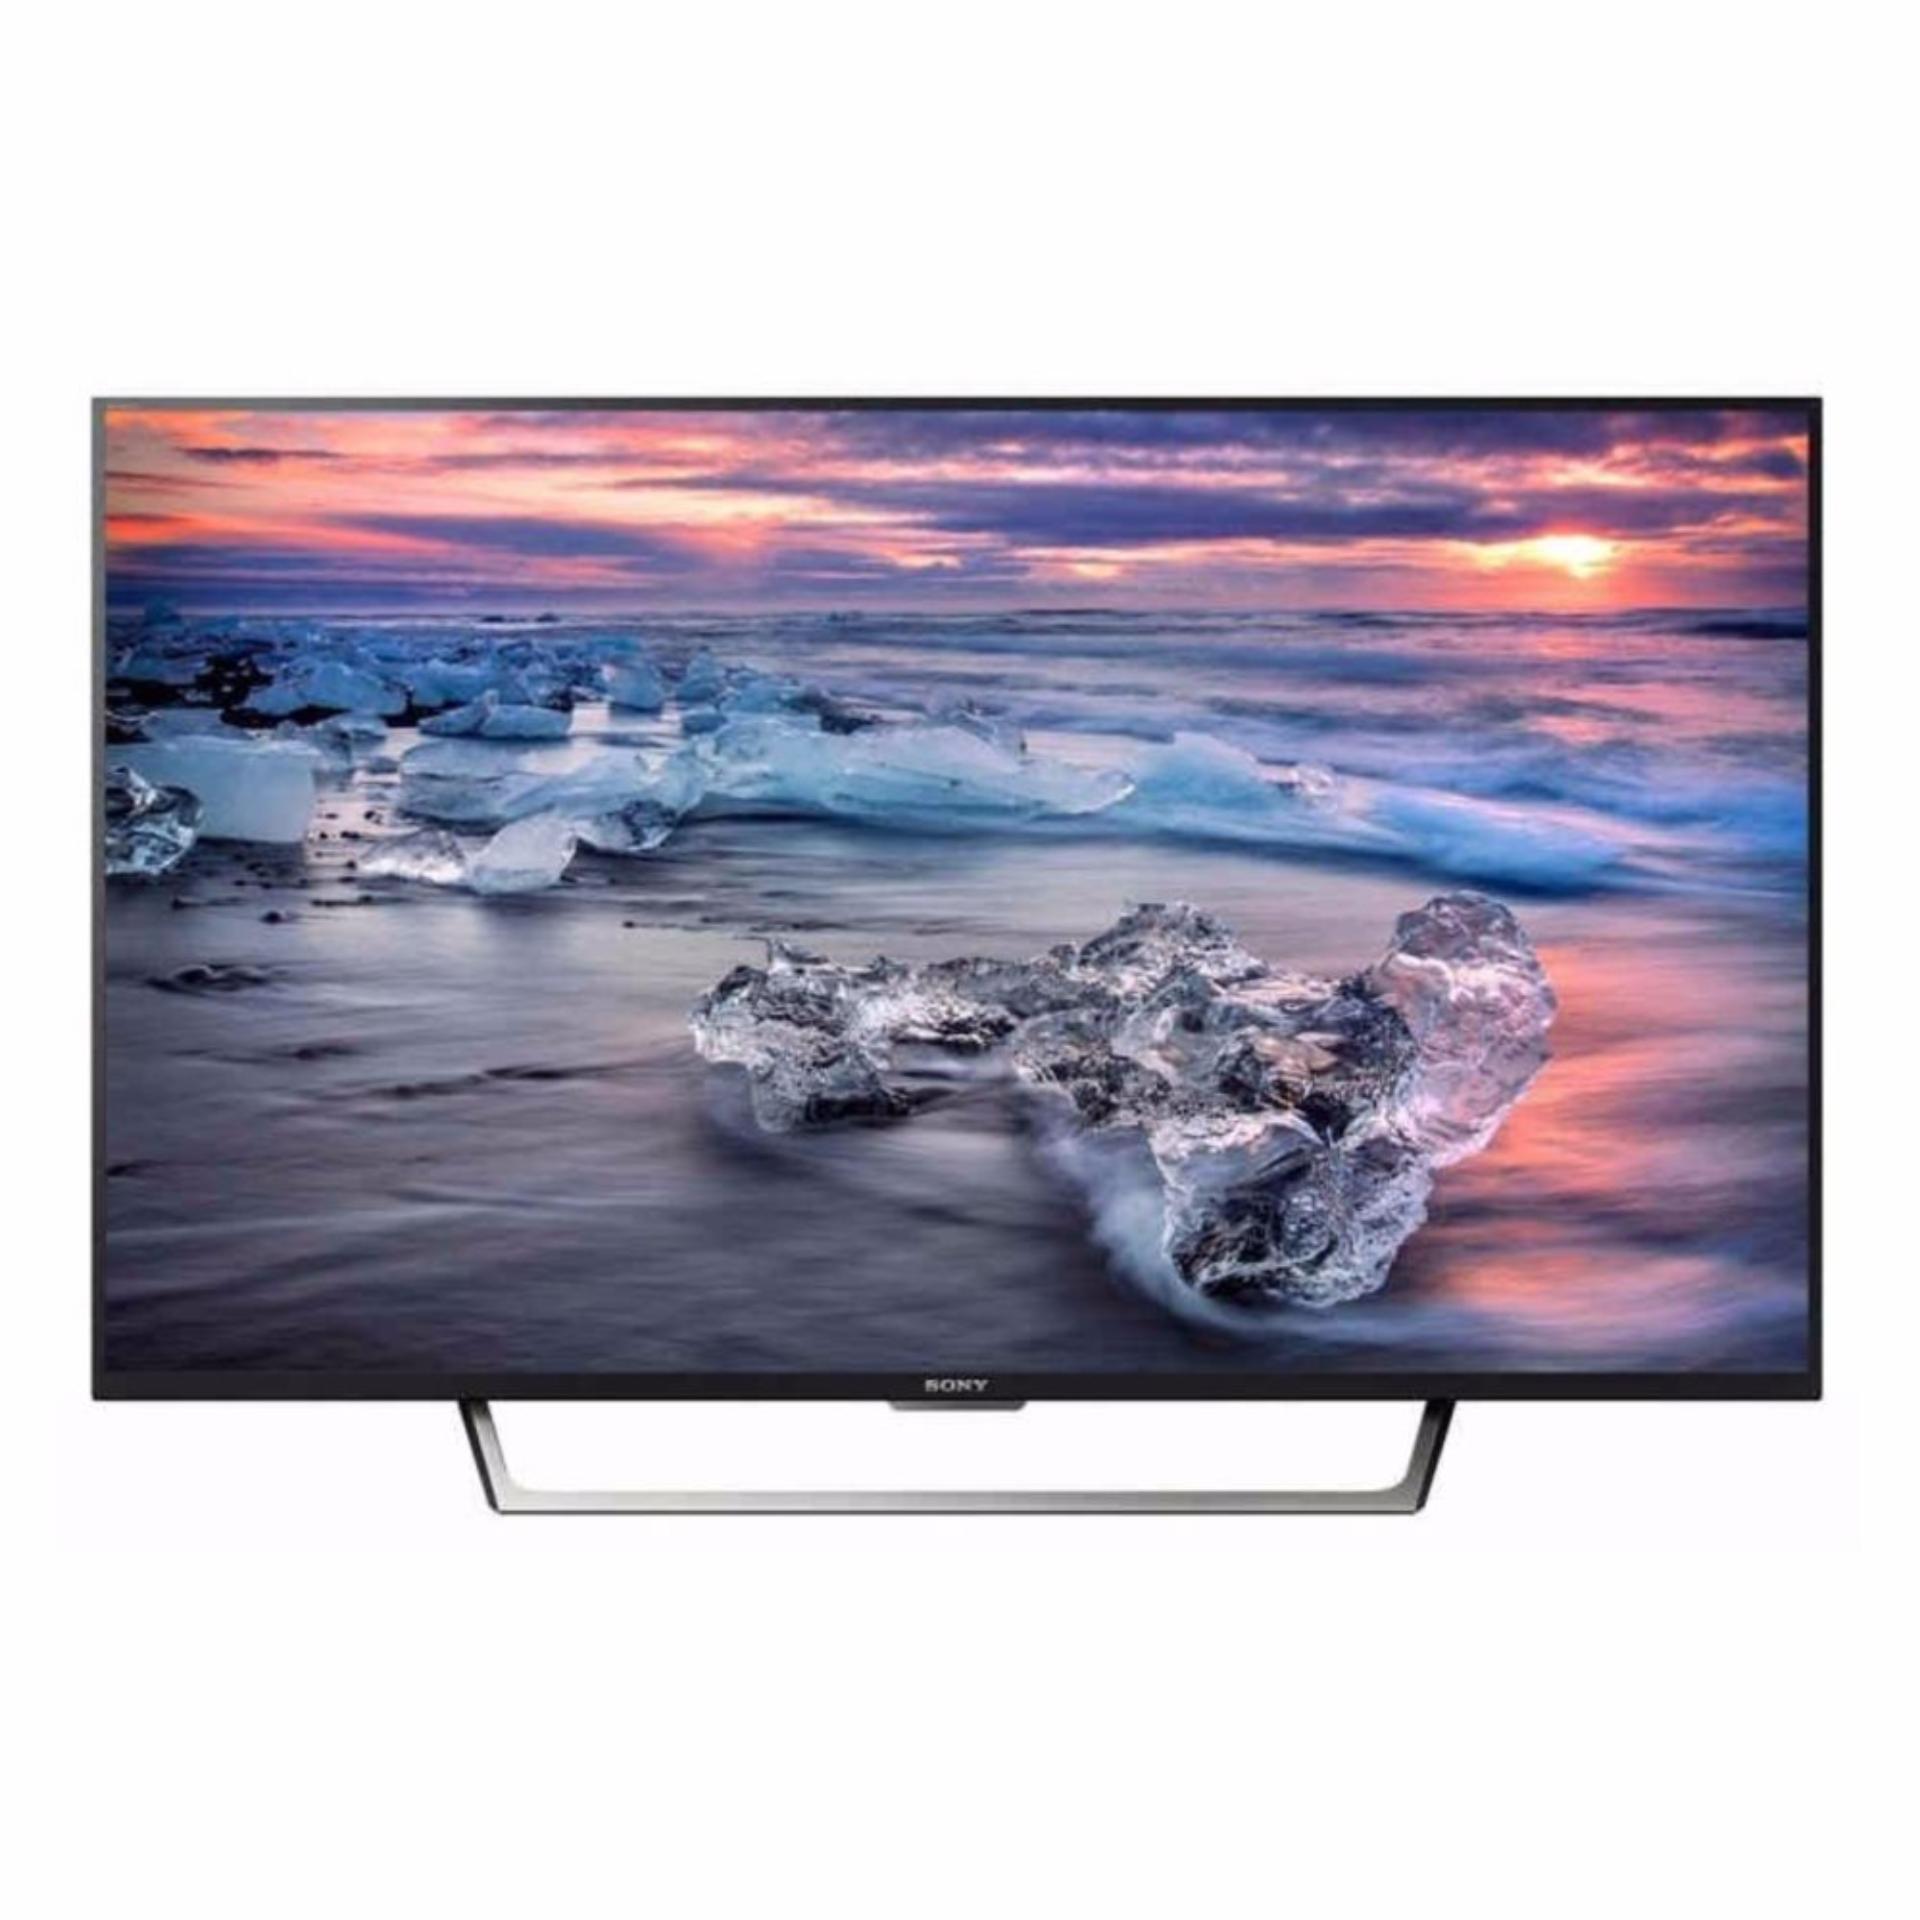 Smart TV Sony 43 inch Full HD – Model SN 49W750E (Đen)